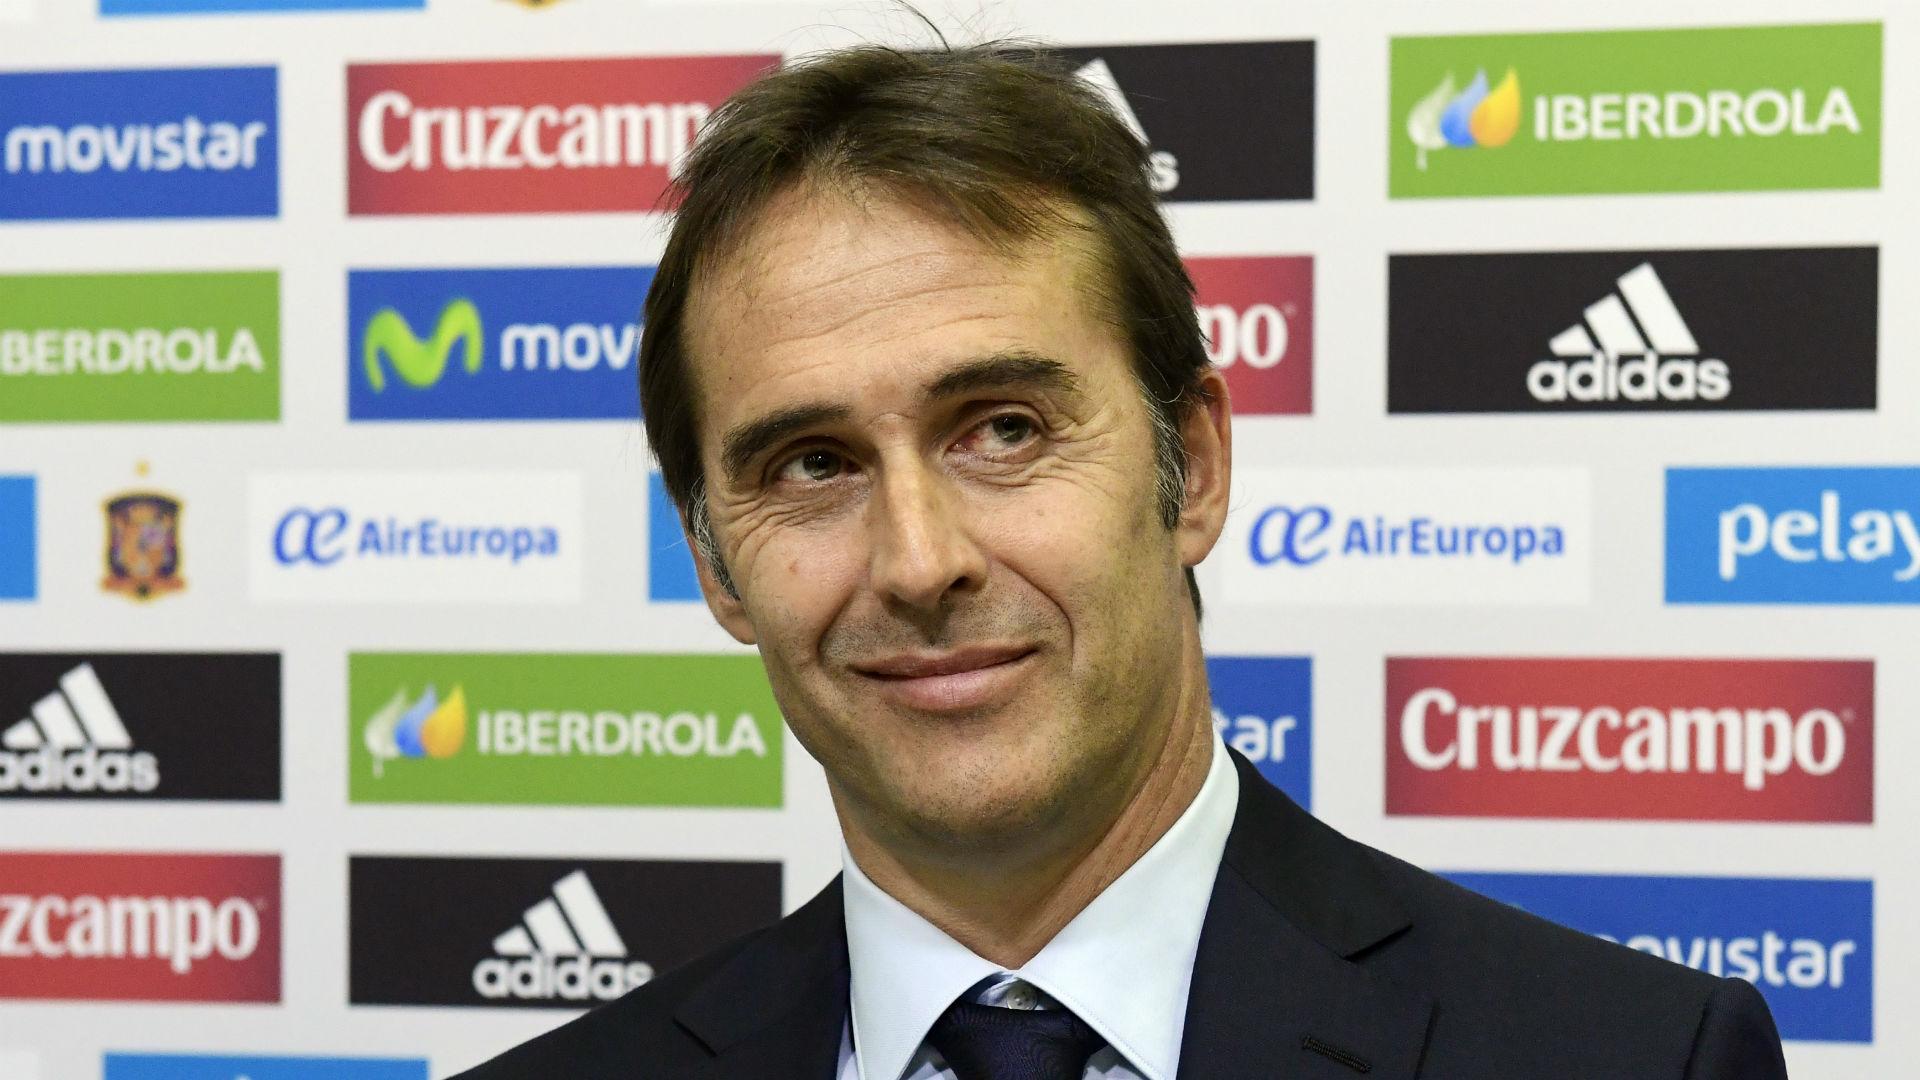 Spain announces Lopetegui as Del Bosque's replacement